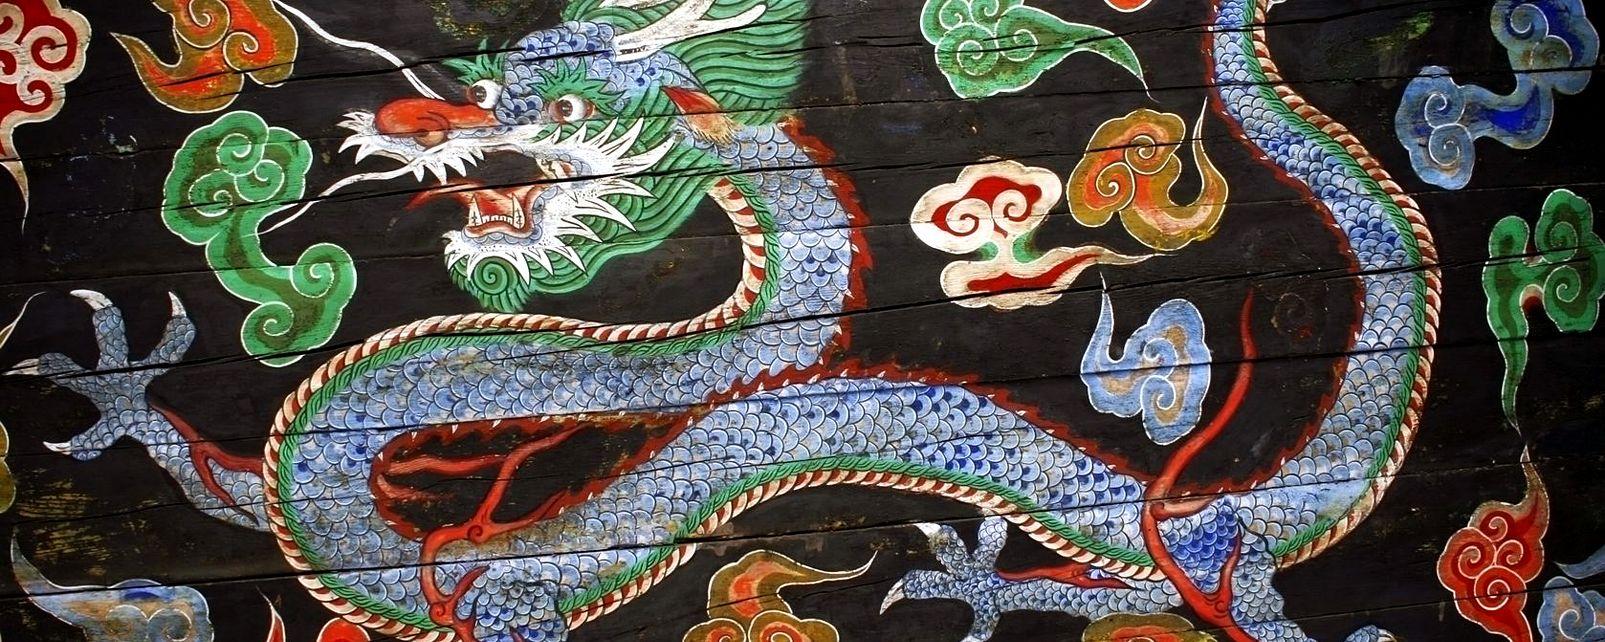 Le arti tradizionali, Le arti tradizionali coreane, Le arti e la cultura, Corea del Sud